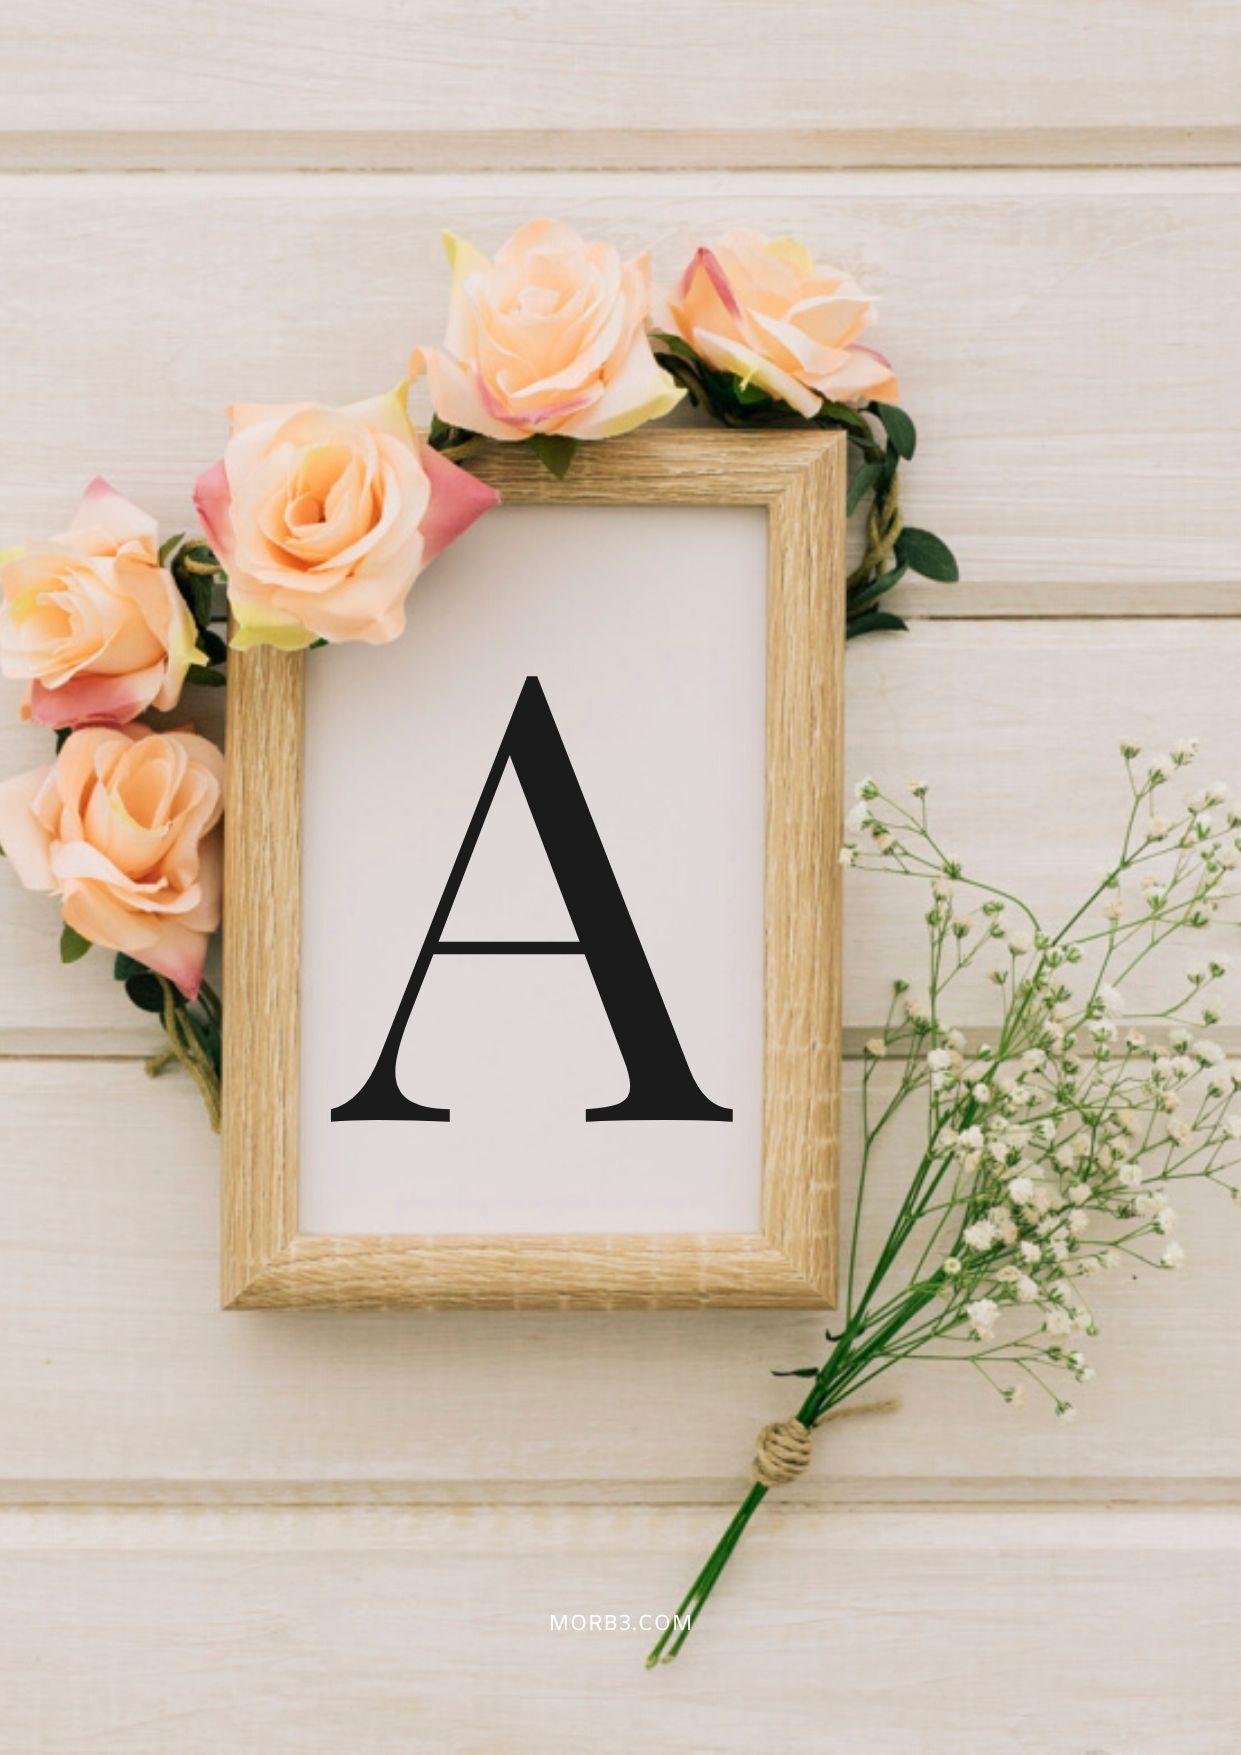 اجمل صور حرف A مع حرف A 6